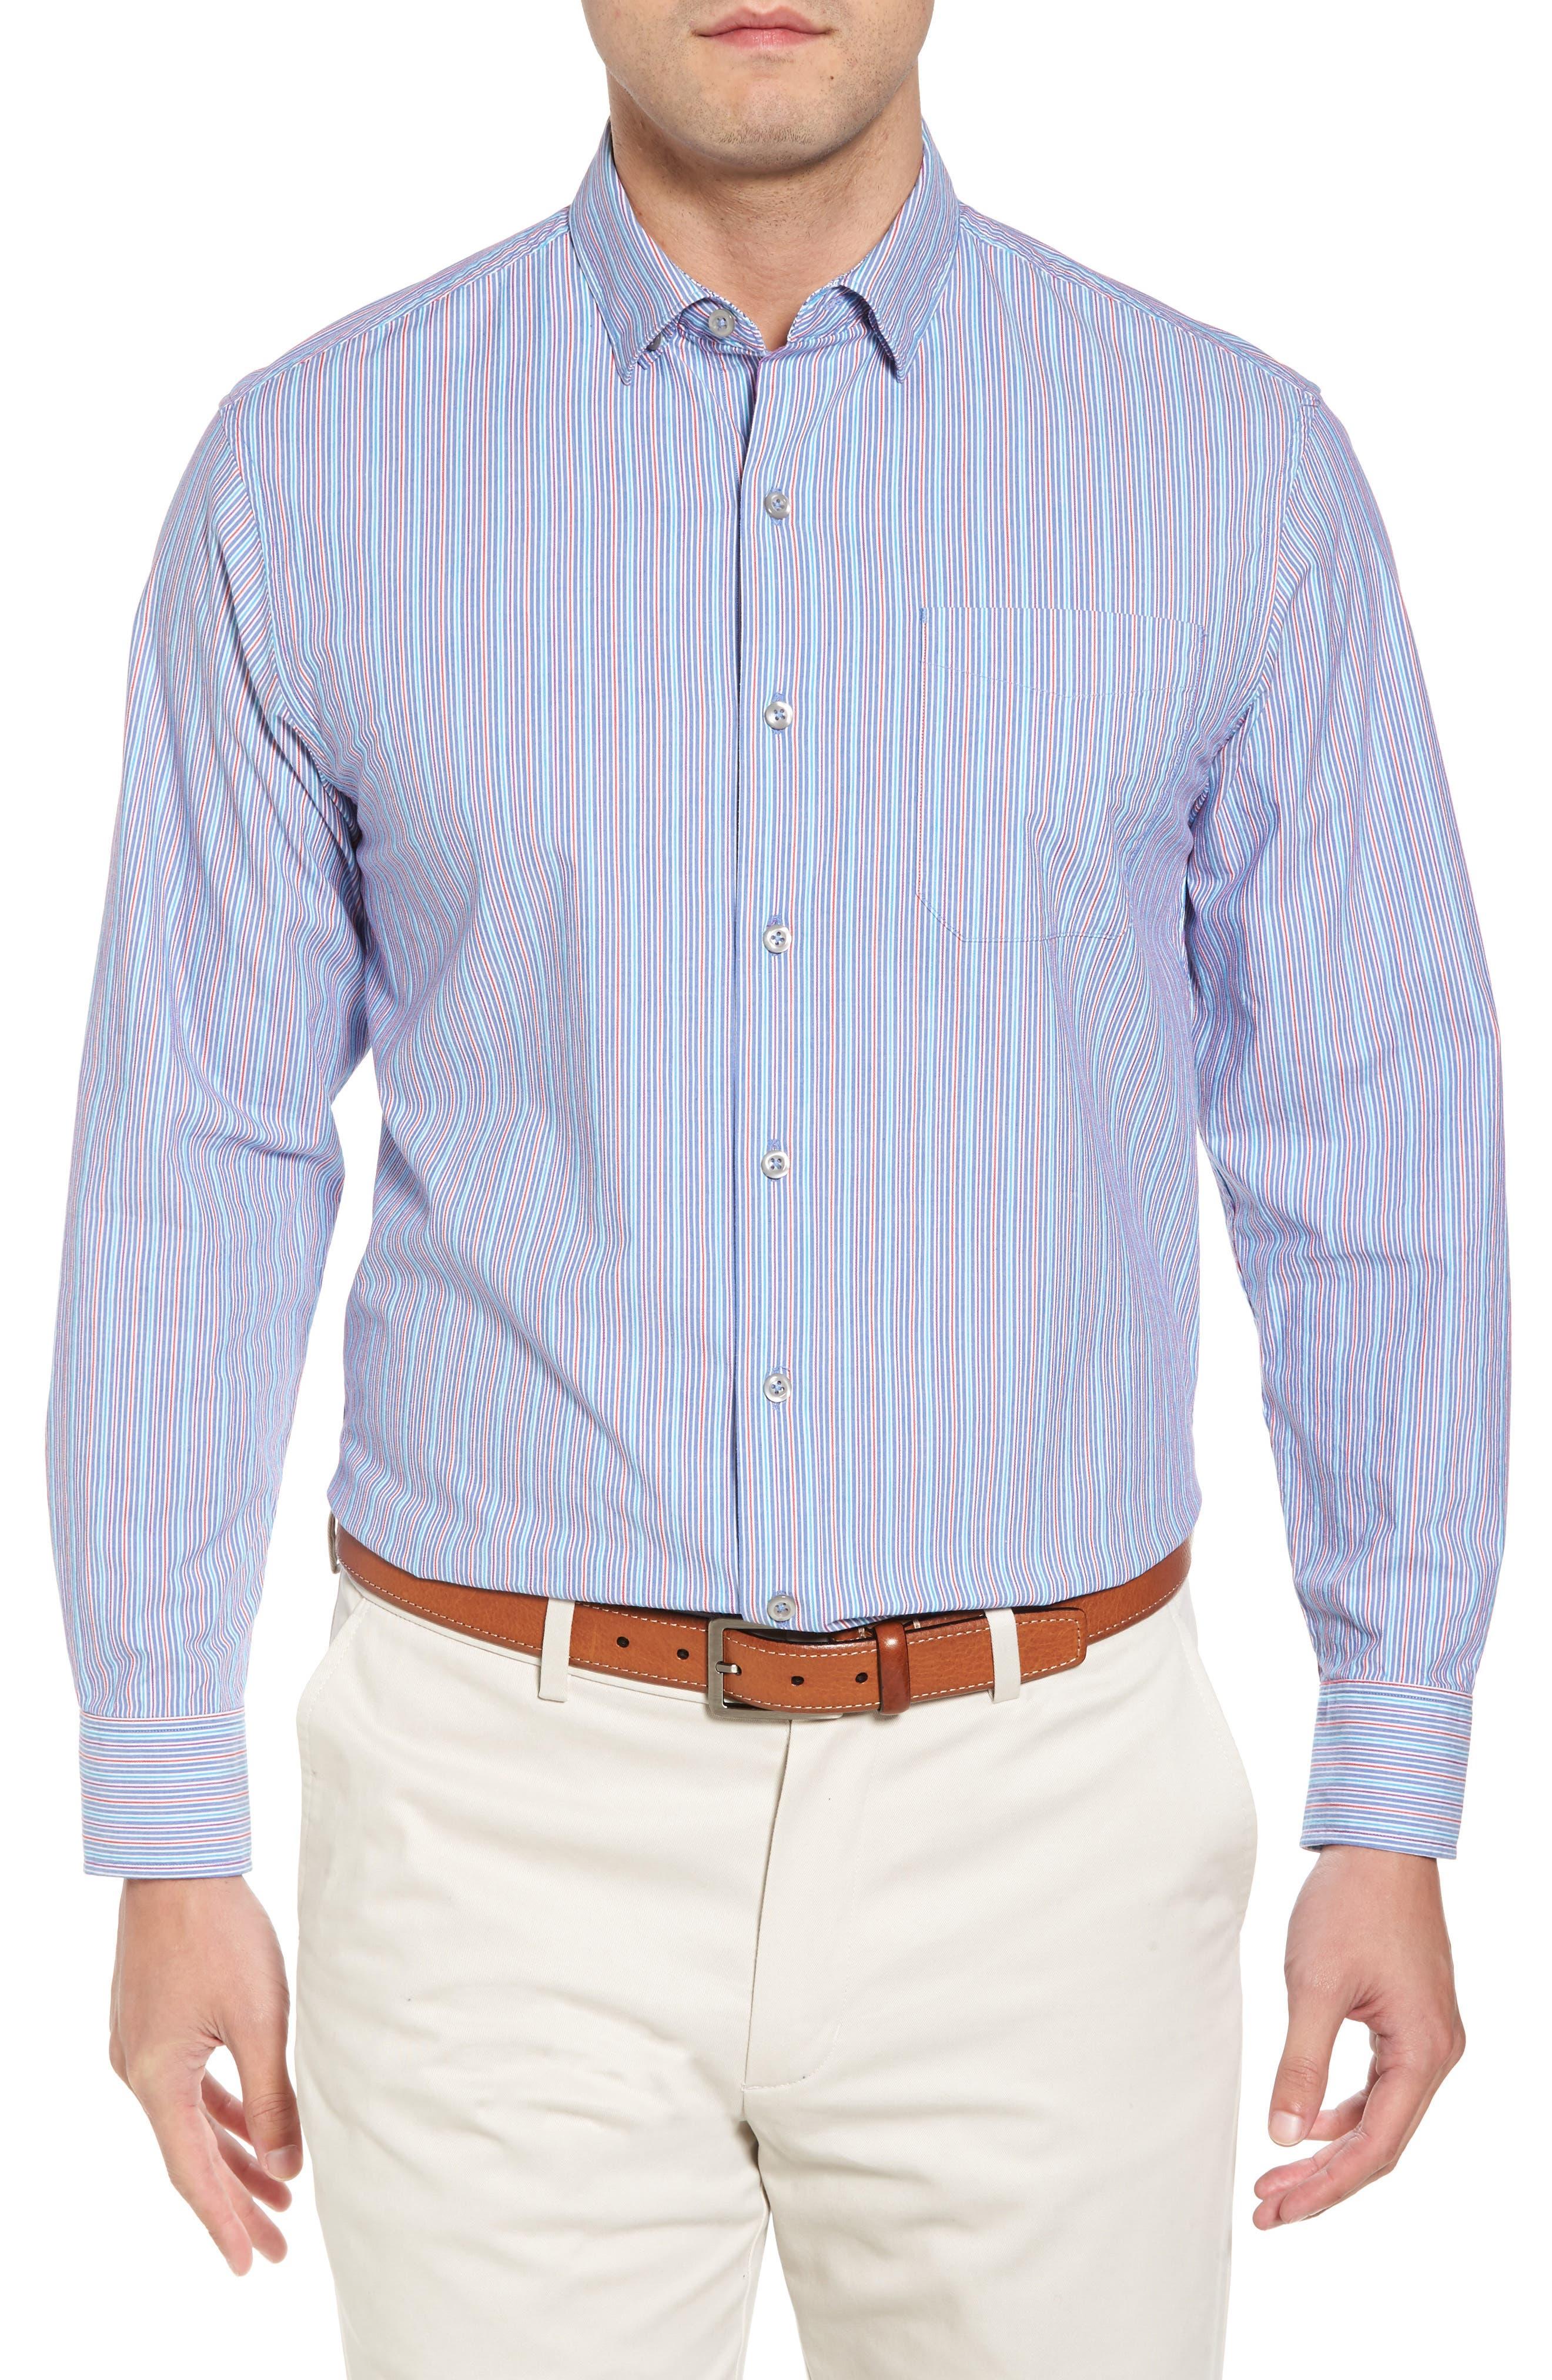 Tallahassee Cotton & Silk Blend Sport Shirt,                         Main,                         color, Cobalt Sea